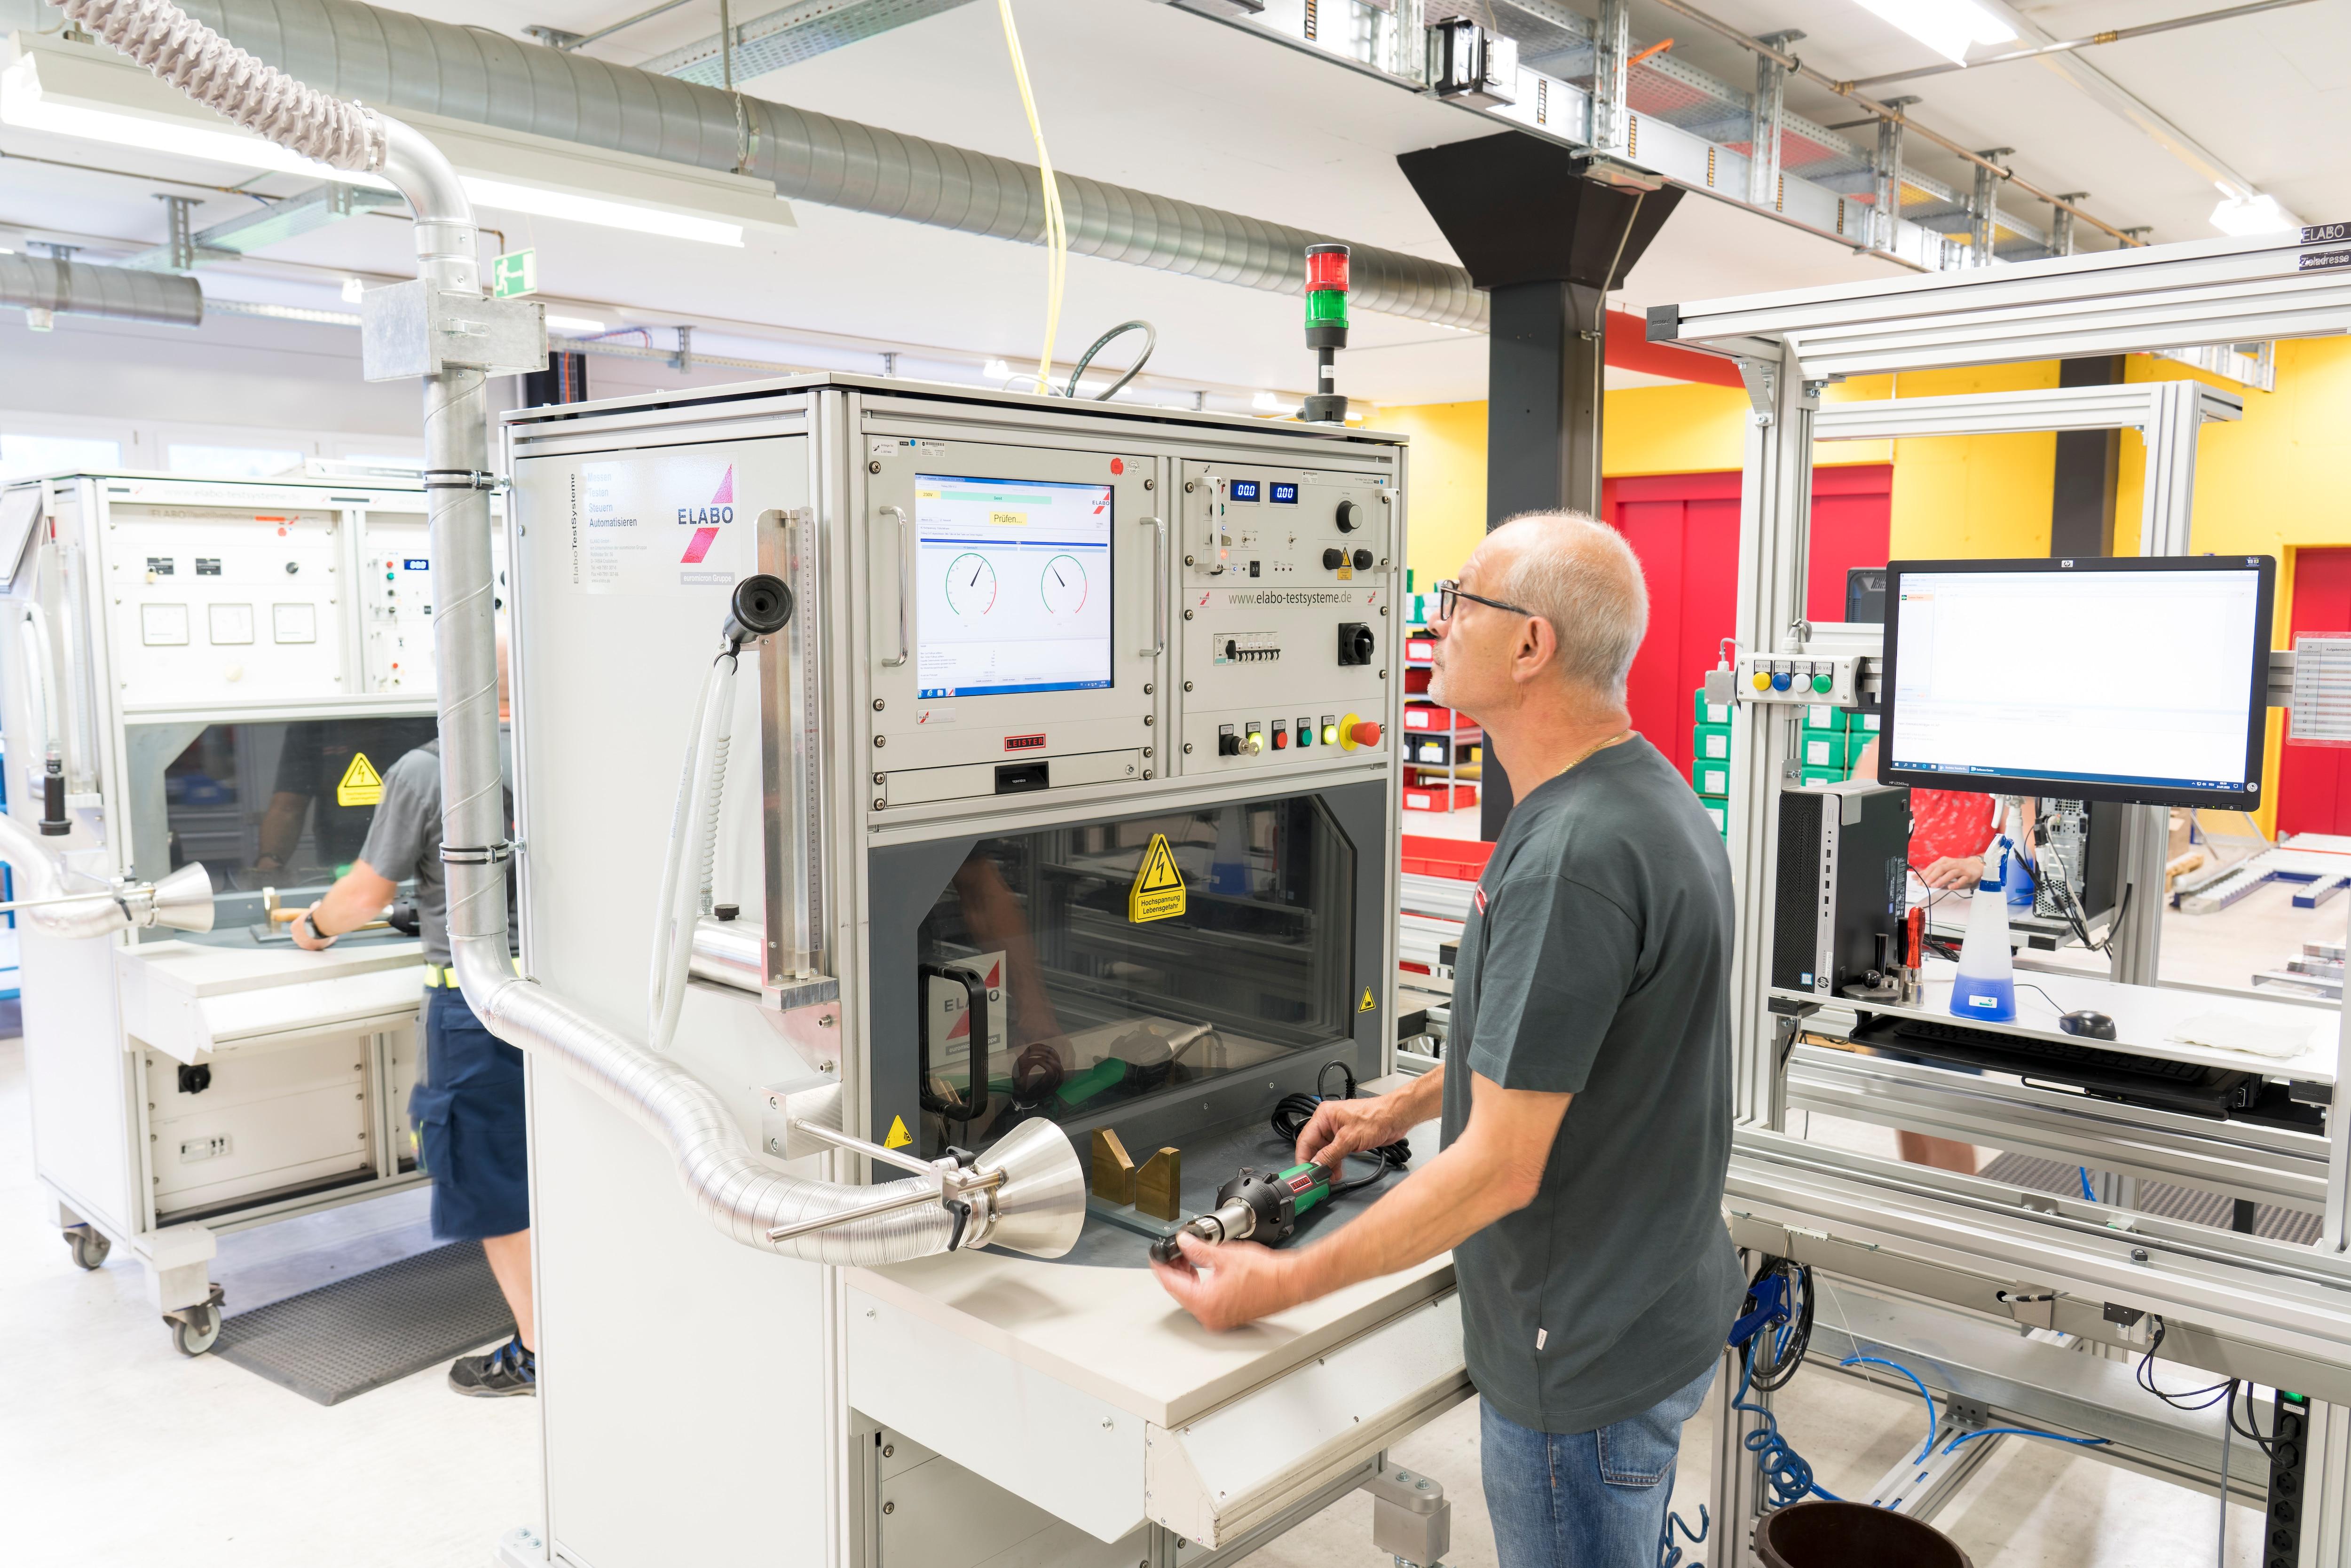 LT_Service_test-high-voltage-1.JPG